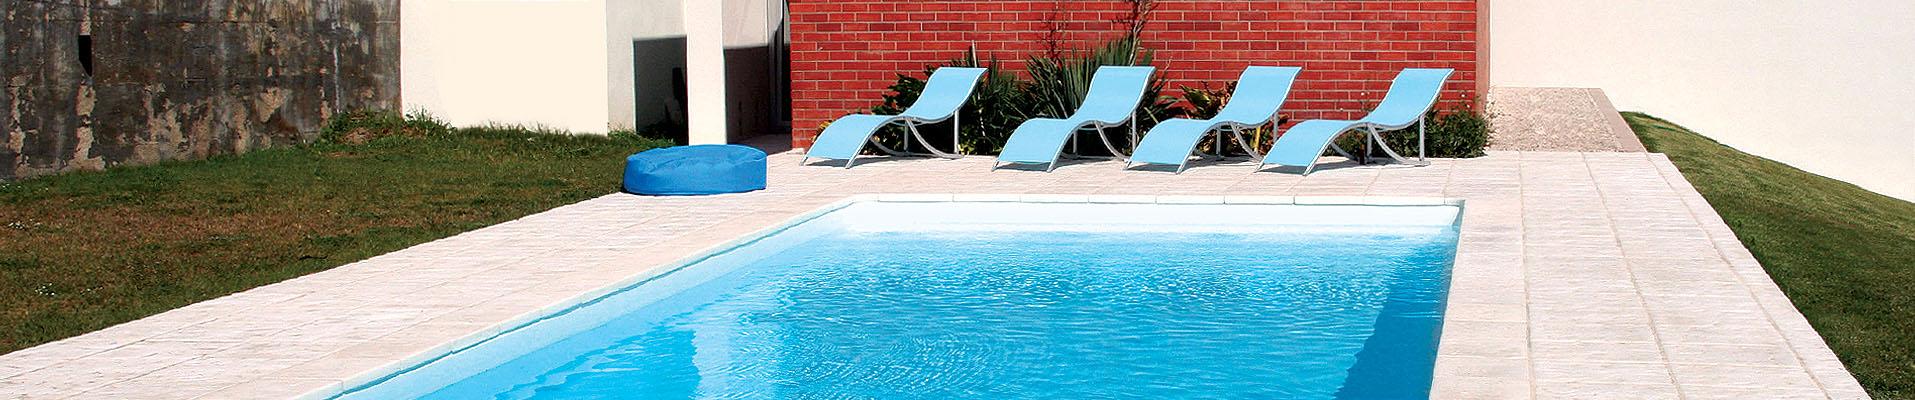 piscinas_inoblock_-01